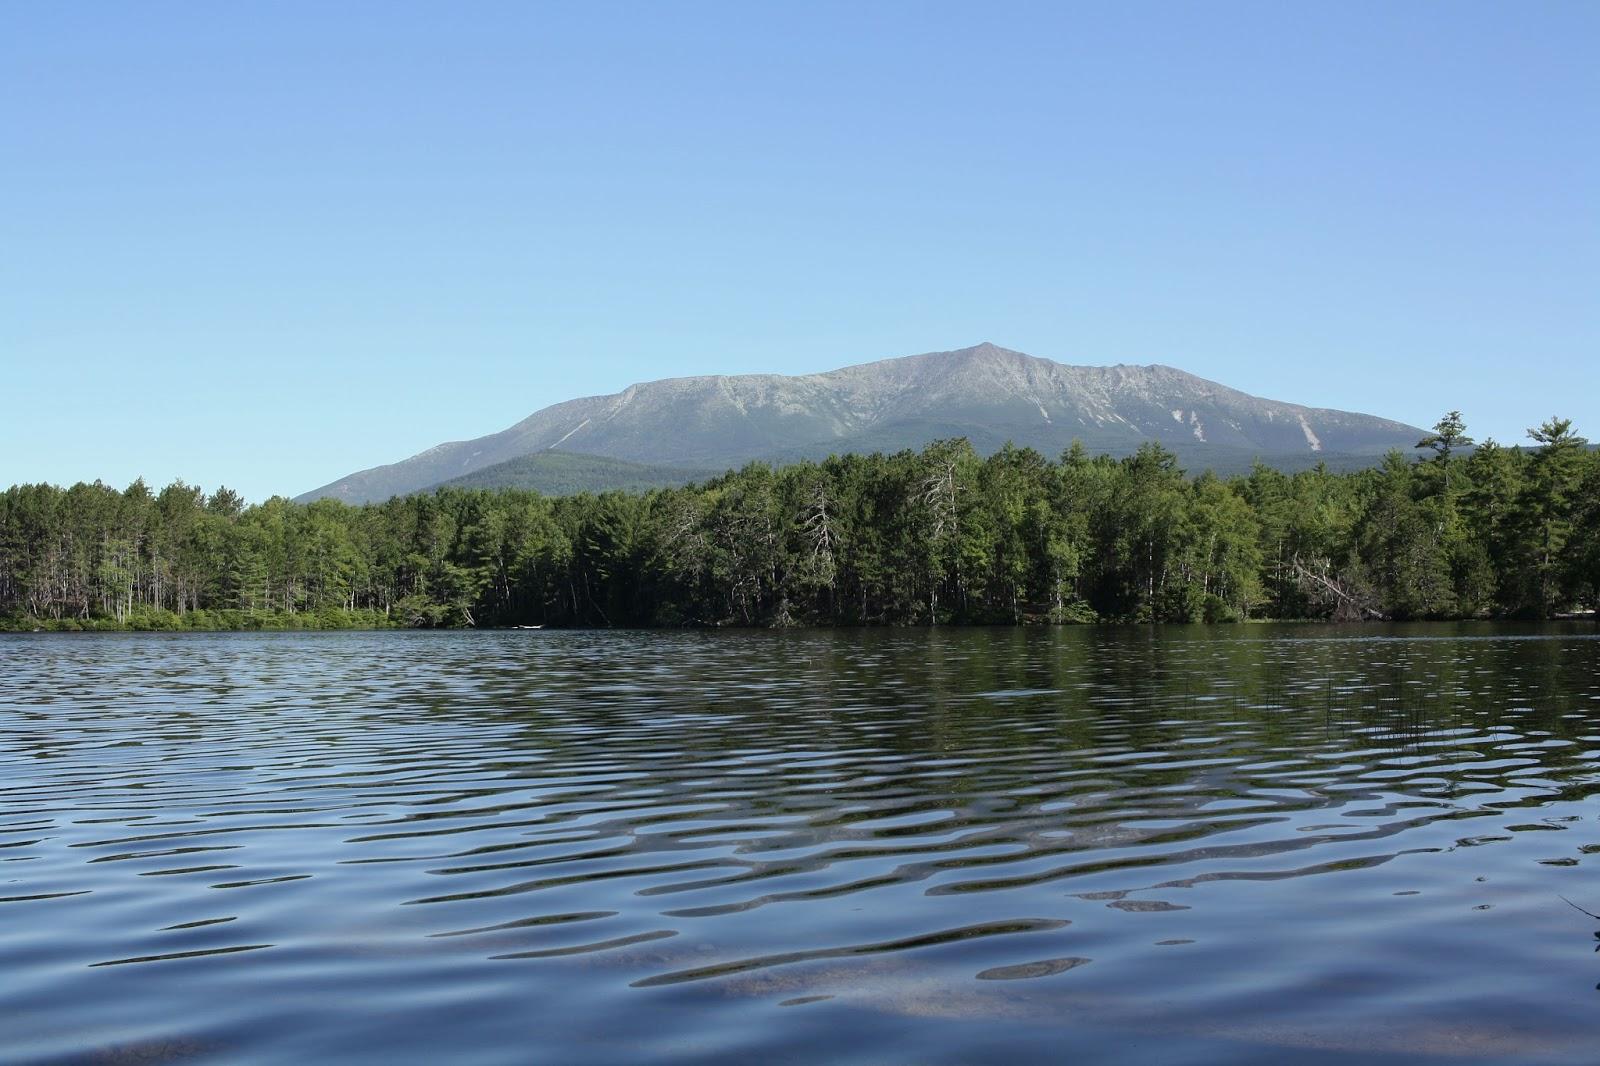 Mount Katahdin, Baxter State Park